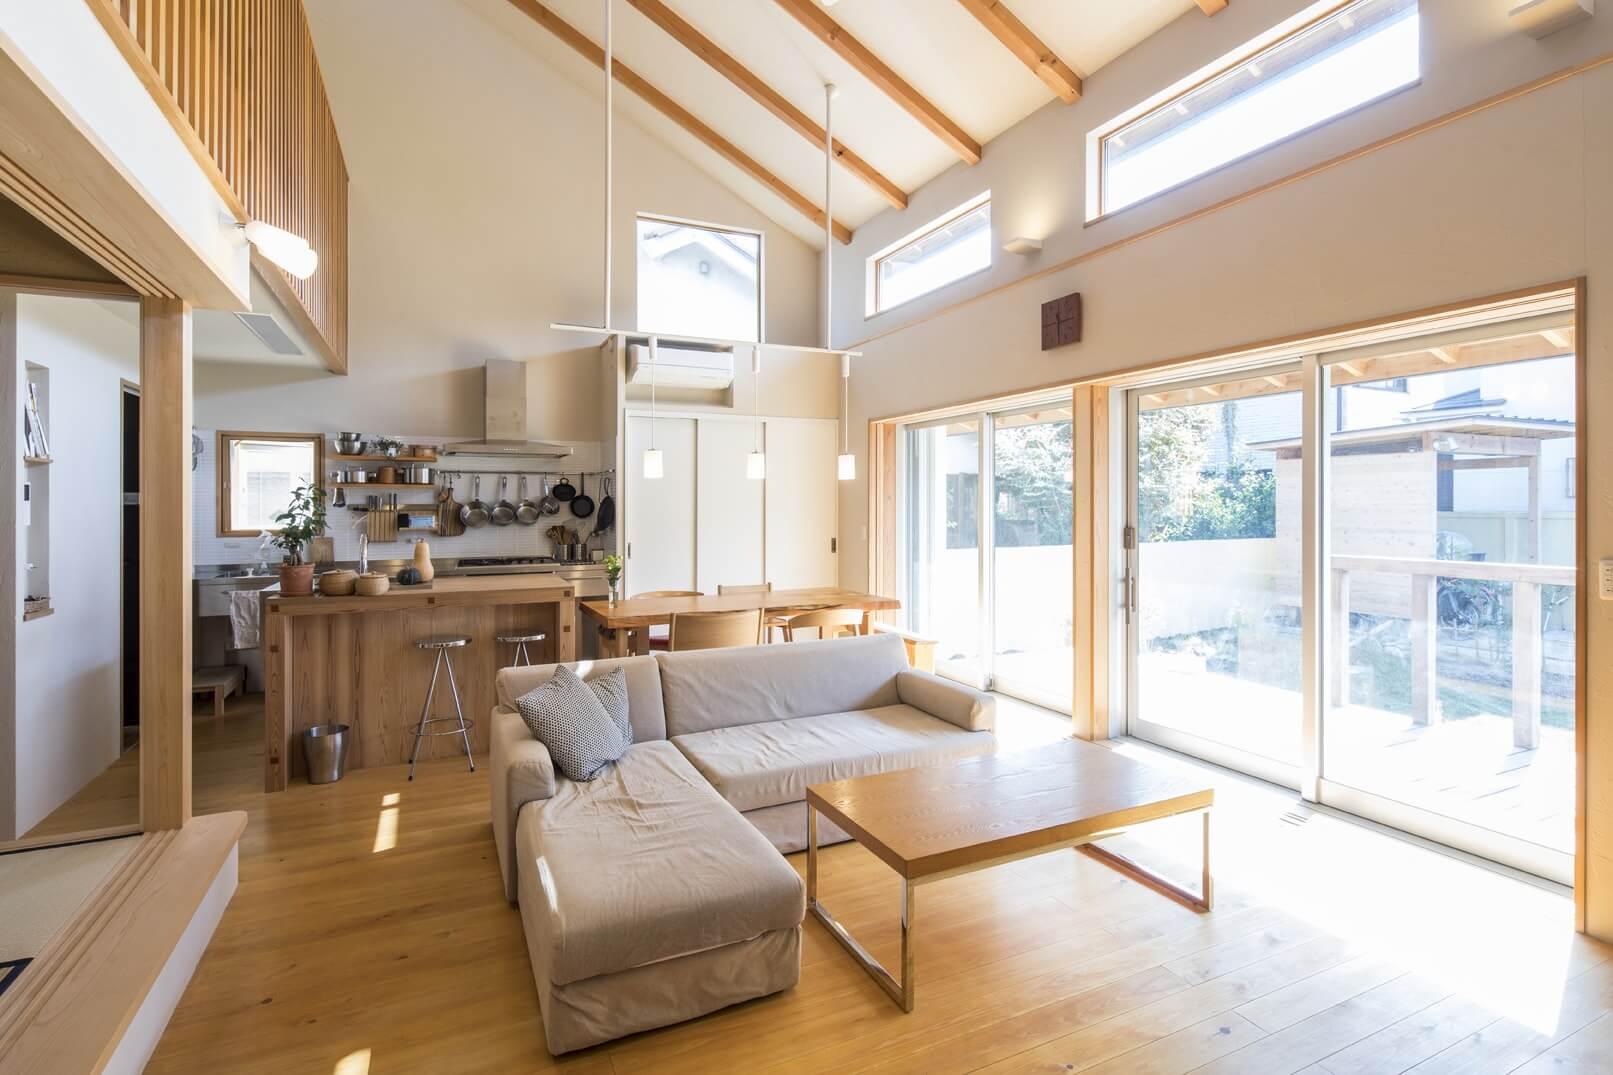 家族を結びつける大屋根の家 | こだわりの自然素材・天然素材の注文住宅・リフォームの駿河屋